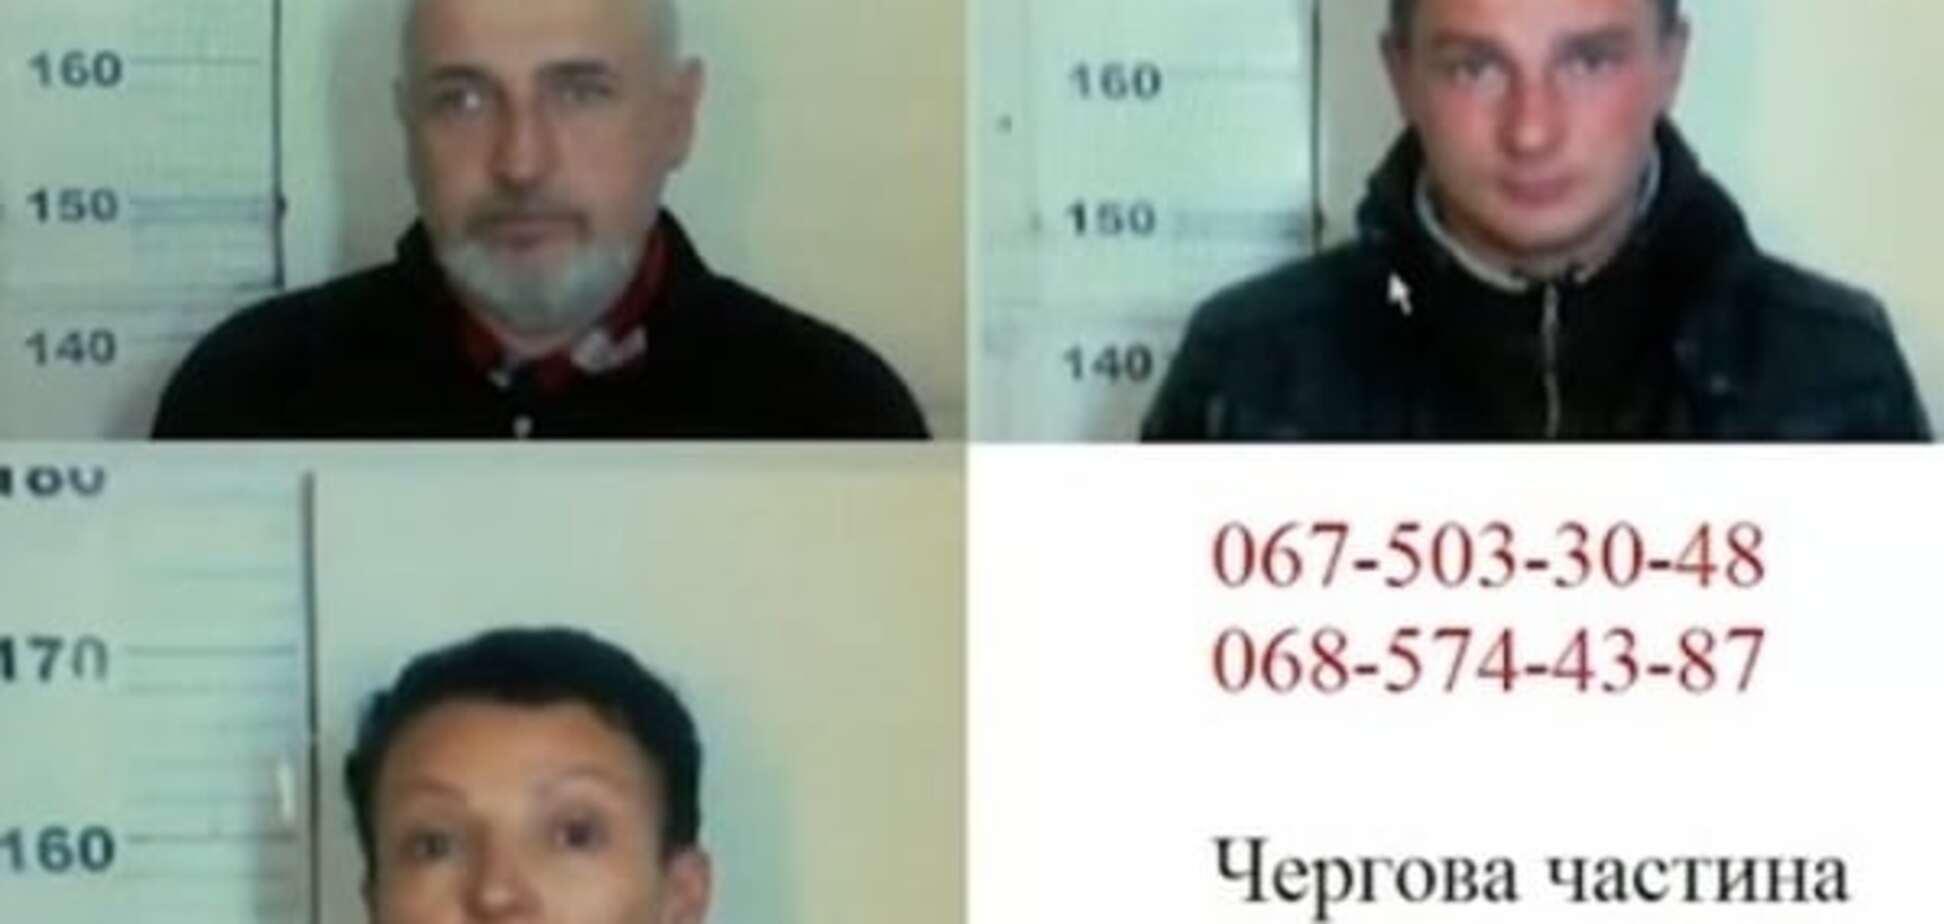 У Києві затримали аферистів, які виманювали гроші 'розіграшами призів'